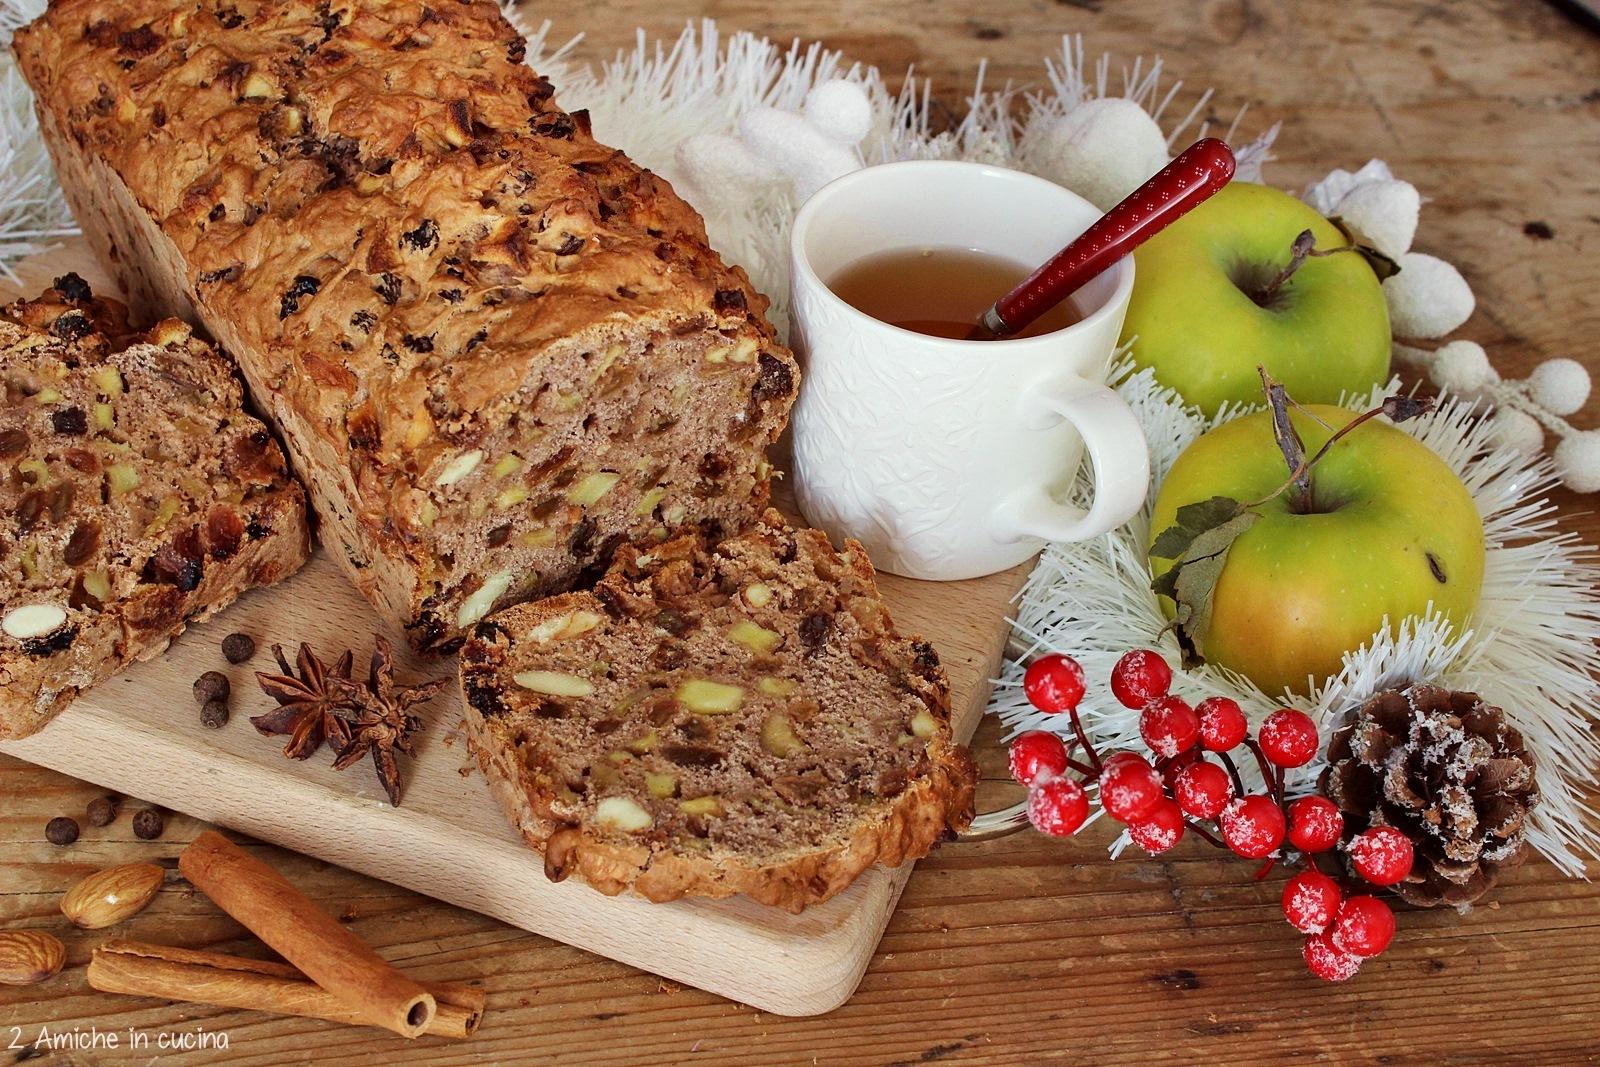 Ricetta apfelbrot, il pane di mele tedesco tipico di Natale